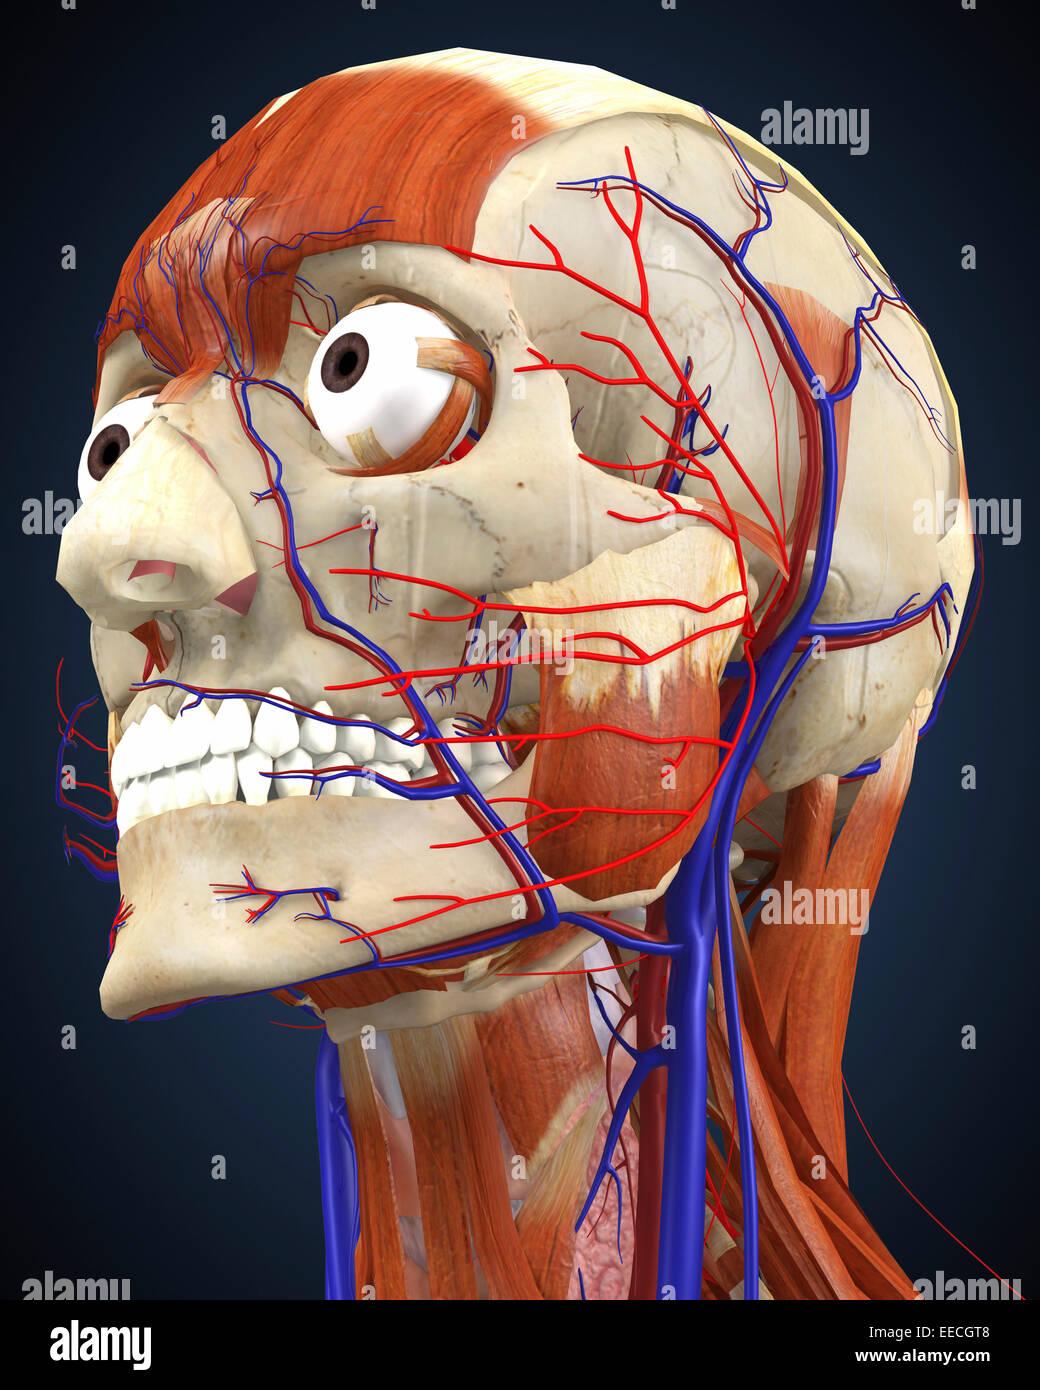 Cabeza humana con los huesos, los músculos y el sistema circulatorio. Imagen De Stock